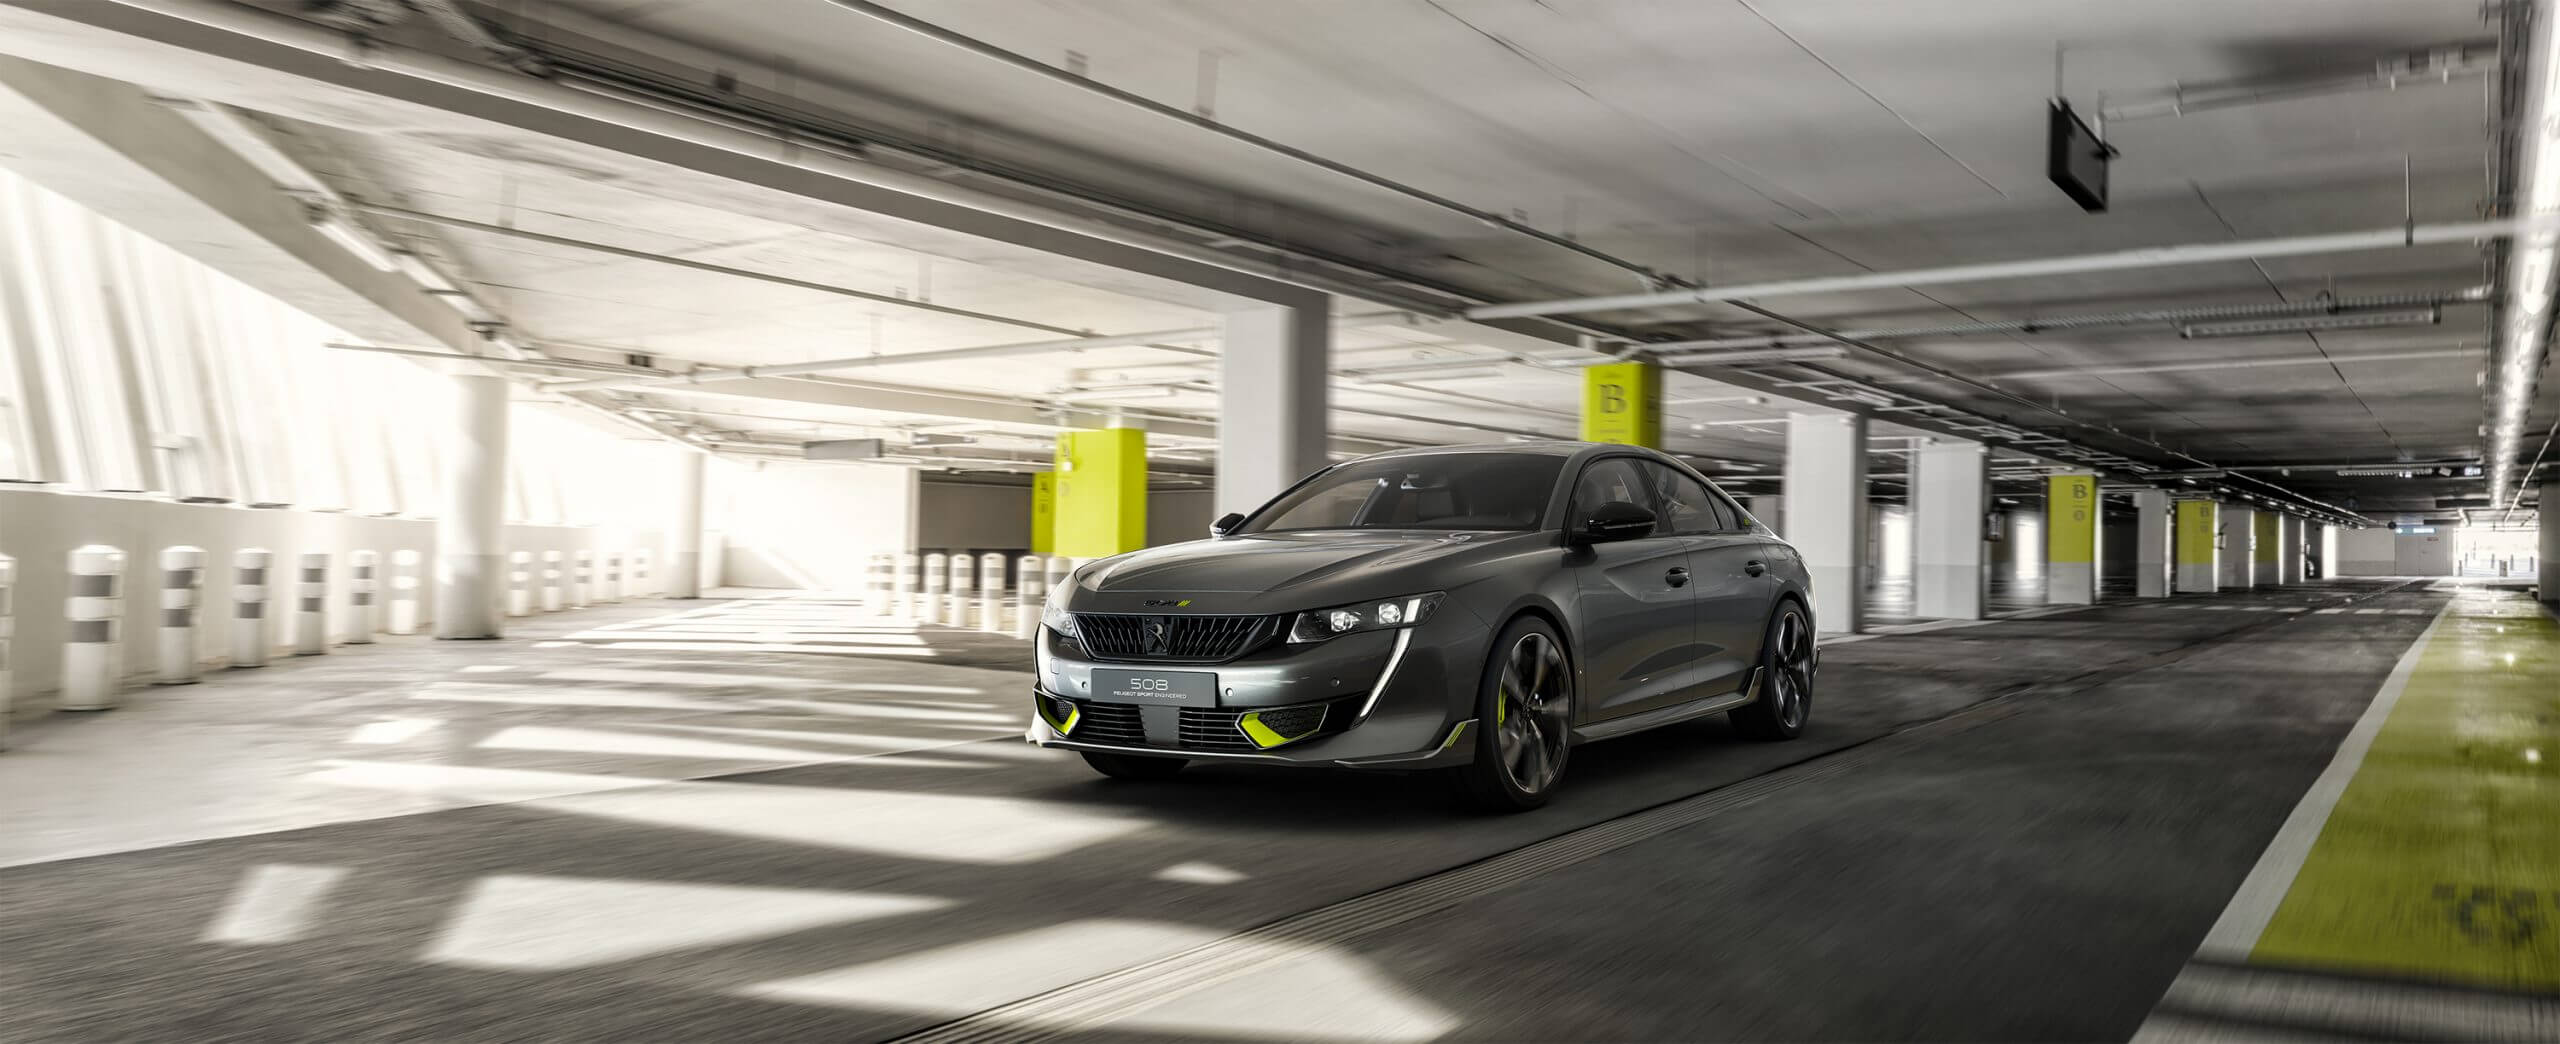 Peugeot-508-PSE-Parking